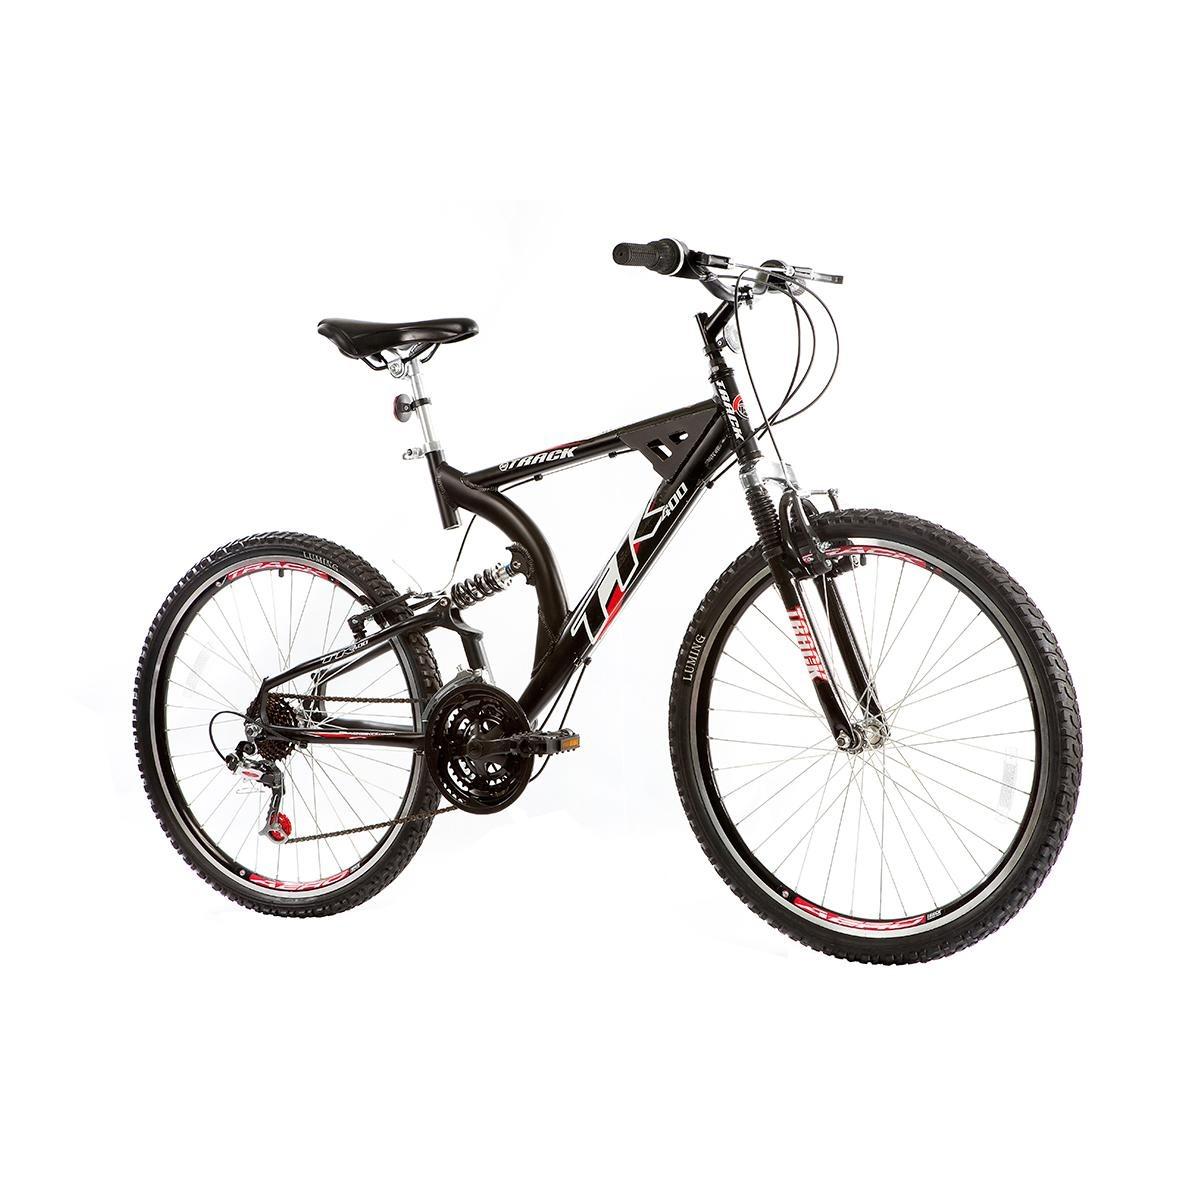 Bicicleta Suspens?o Dupla Alumínio Xk 400 Aro 26 - 21v